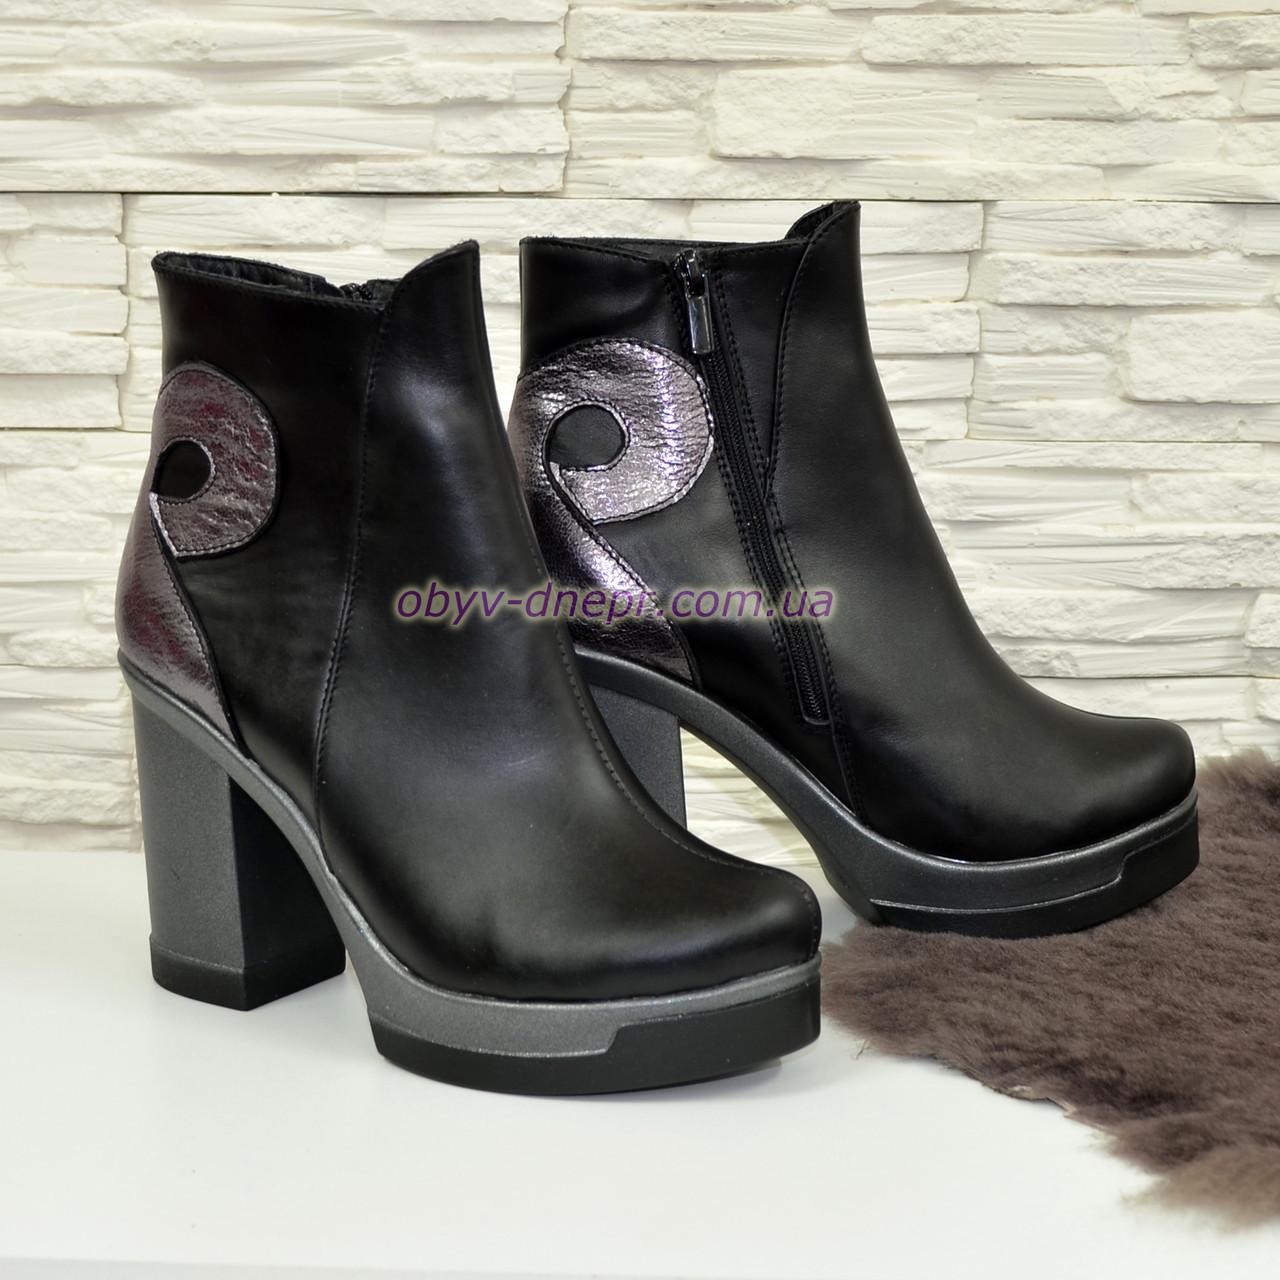 Женские зимние ботинки из натуральной кожи, на плоской подошве